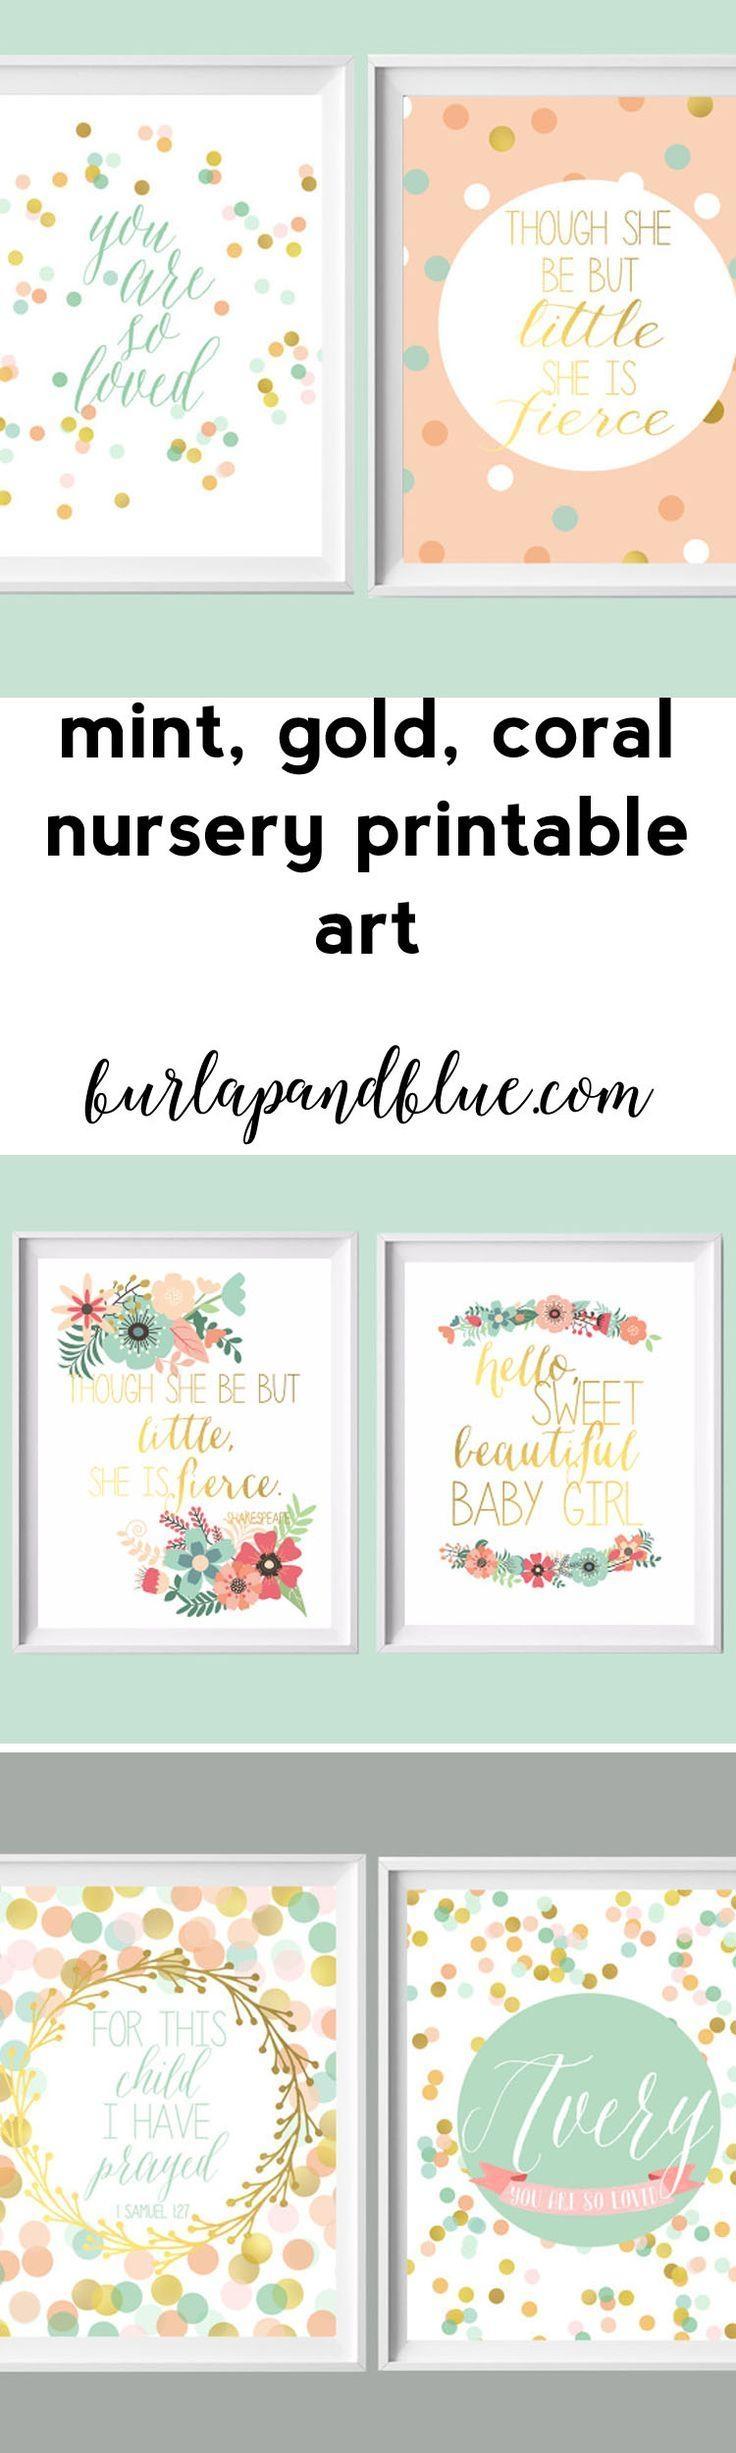 Best 25+ Girl Wall Decor Ideas On Pinterest | Girls Room Paint For Wall Art For Little Girl Room (Image 8 of 20)